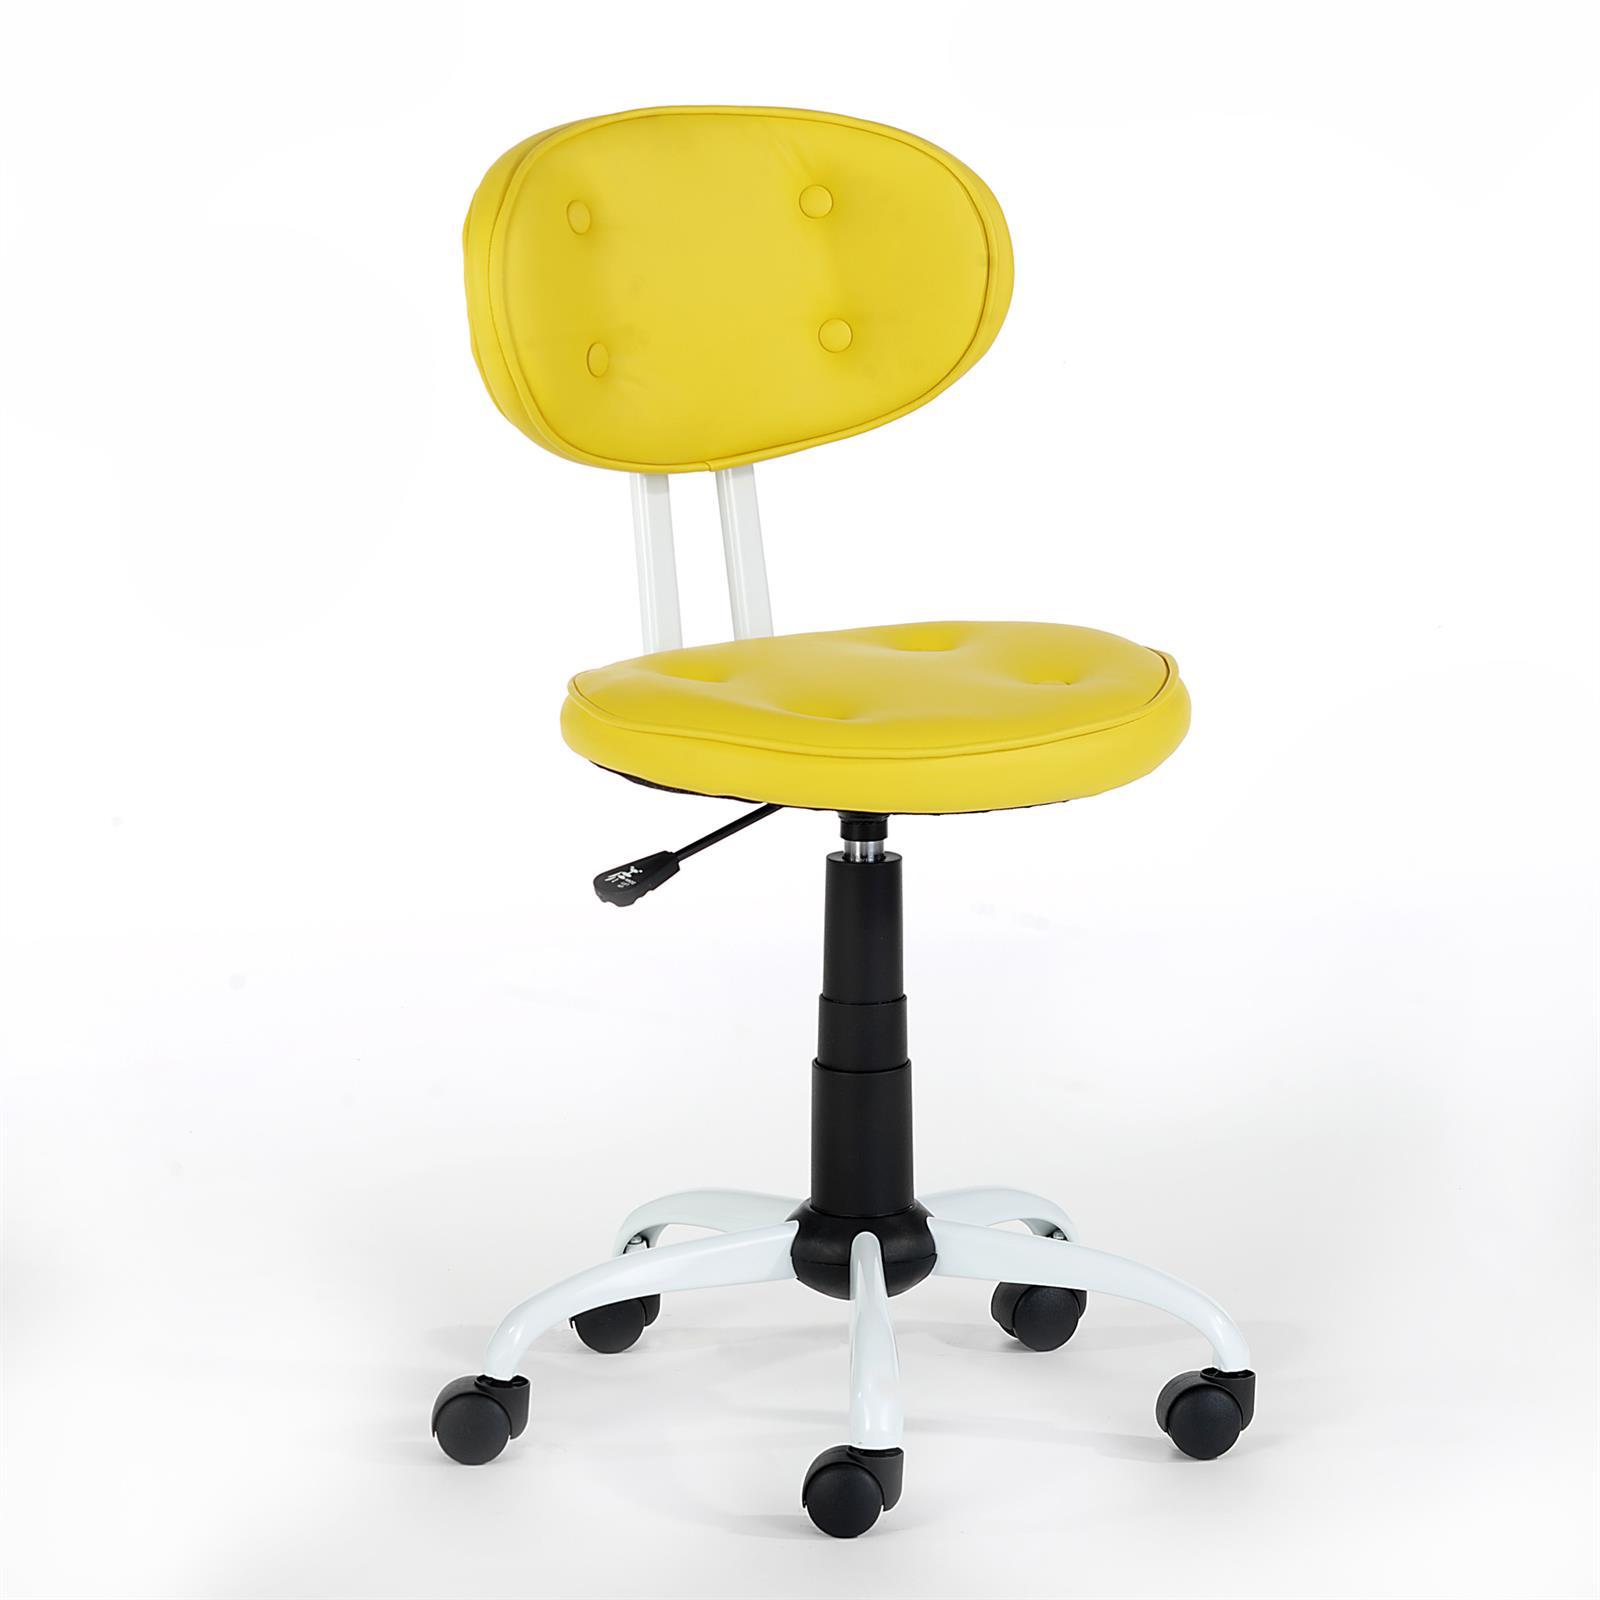 fauteuil chaise de bureau enfant hauteur r glable 3 coloris ebay. Black Bedroom Furniture Sets. Home Design Ideas